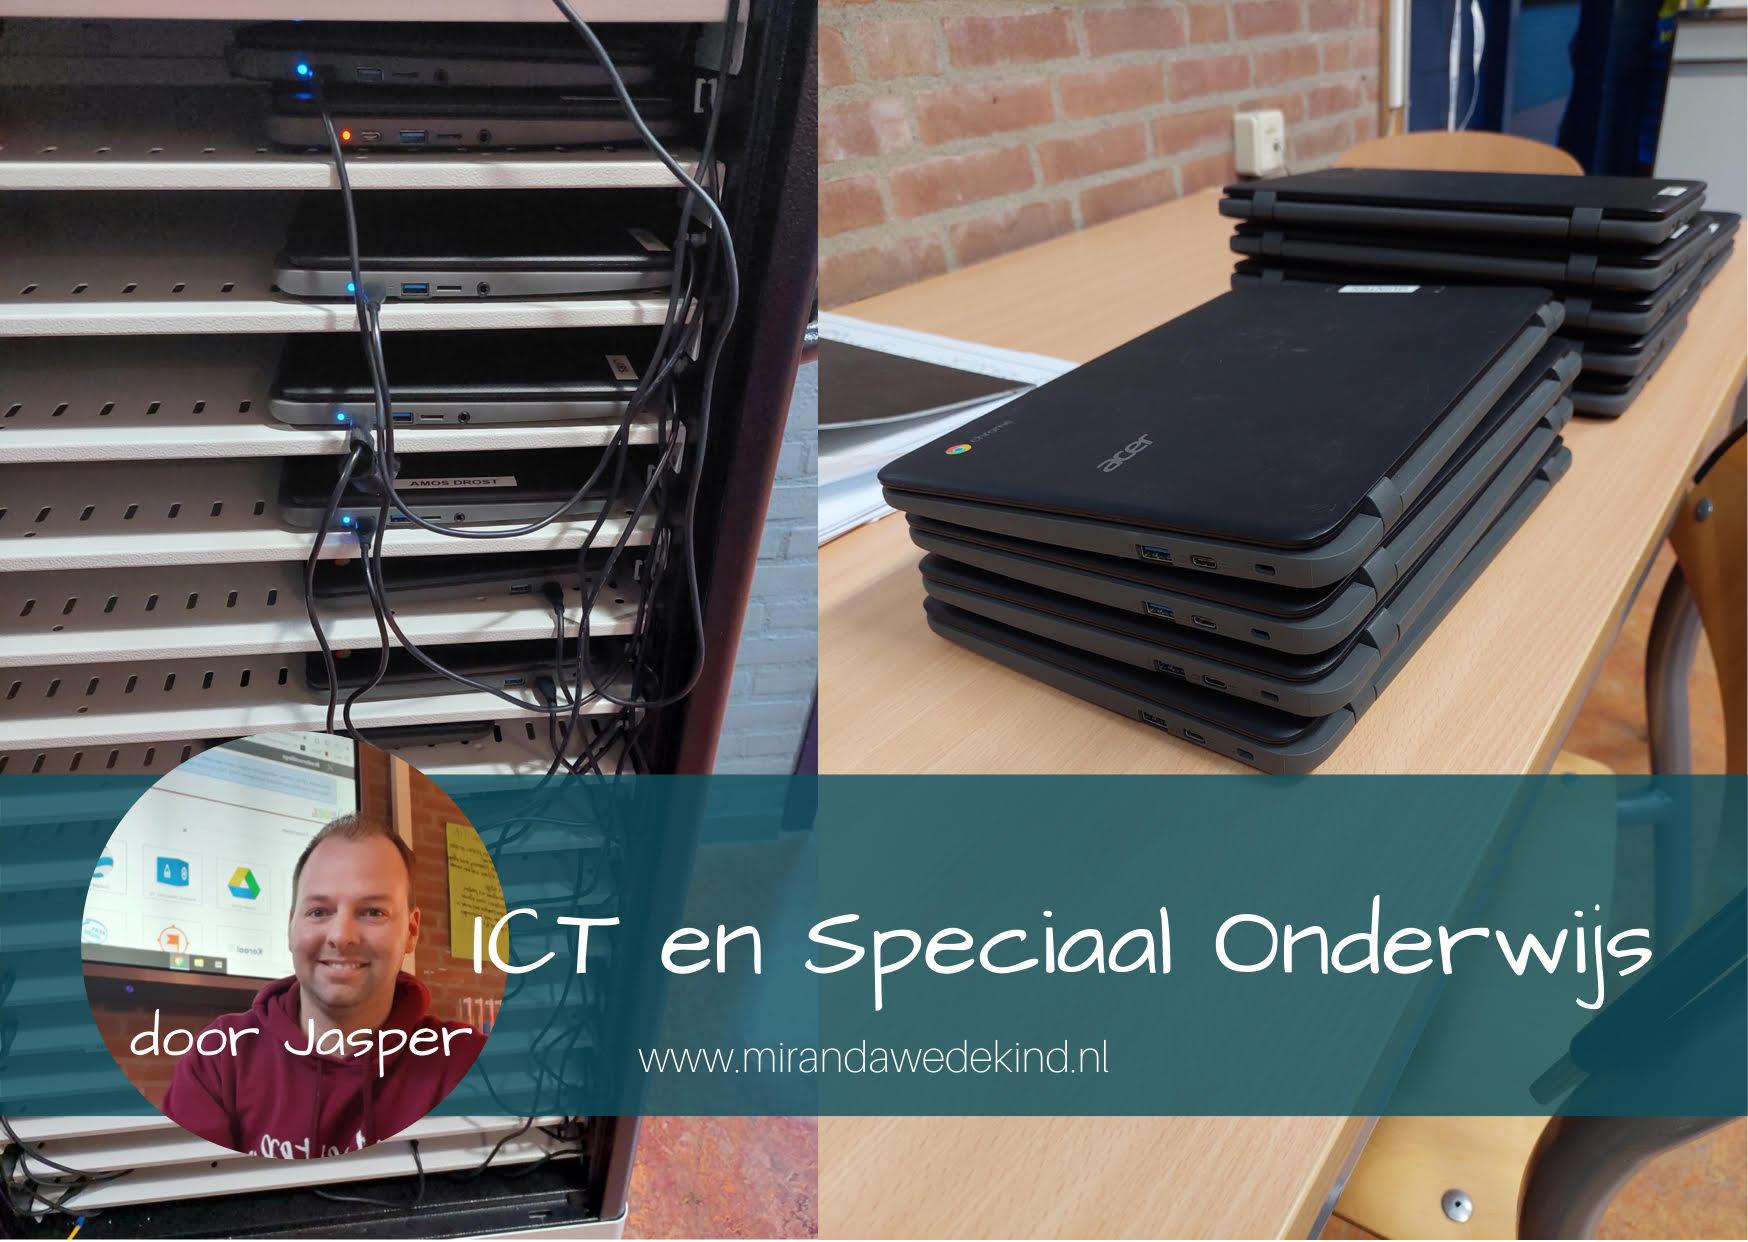 ICT en speciaal onderwijs